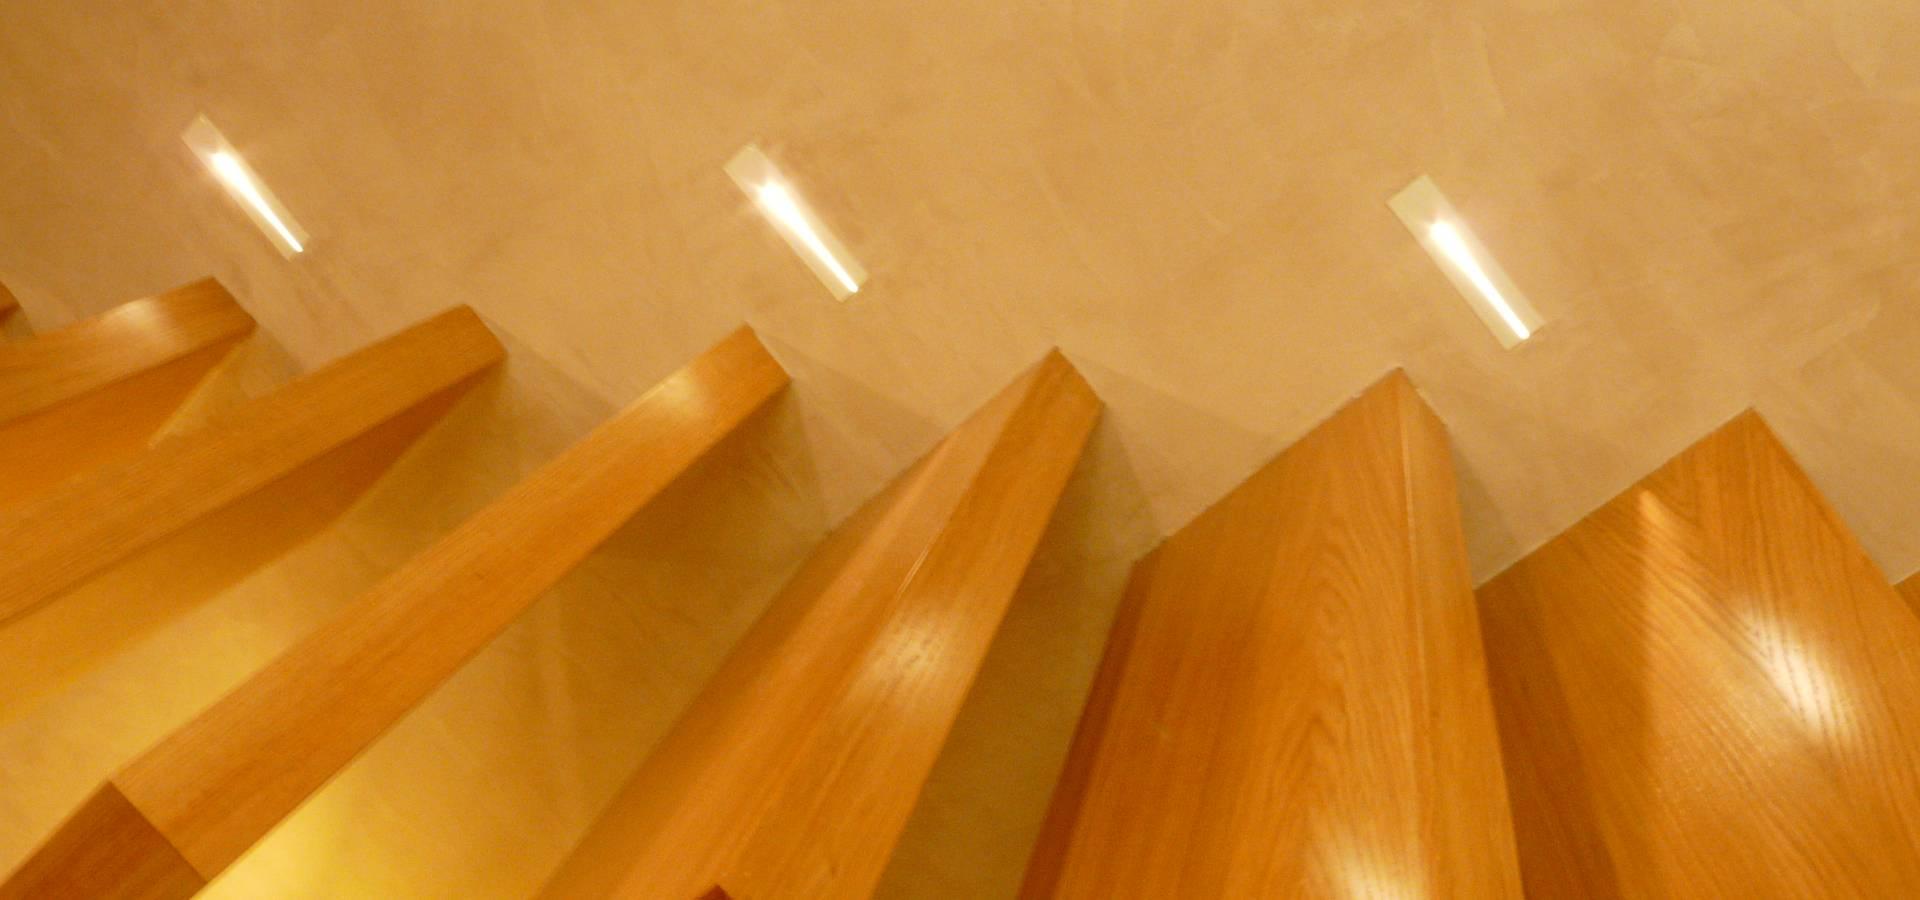 Studio acrivoulis architettra interior design - Offerte lavoro interior designer roma ...